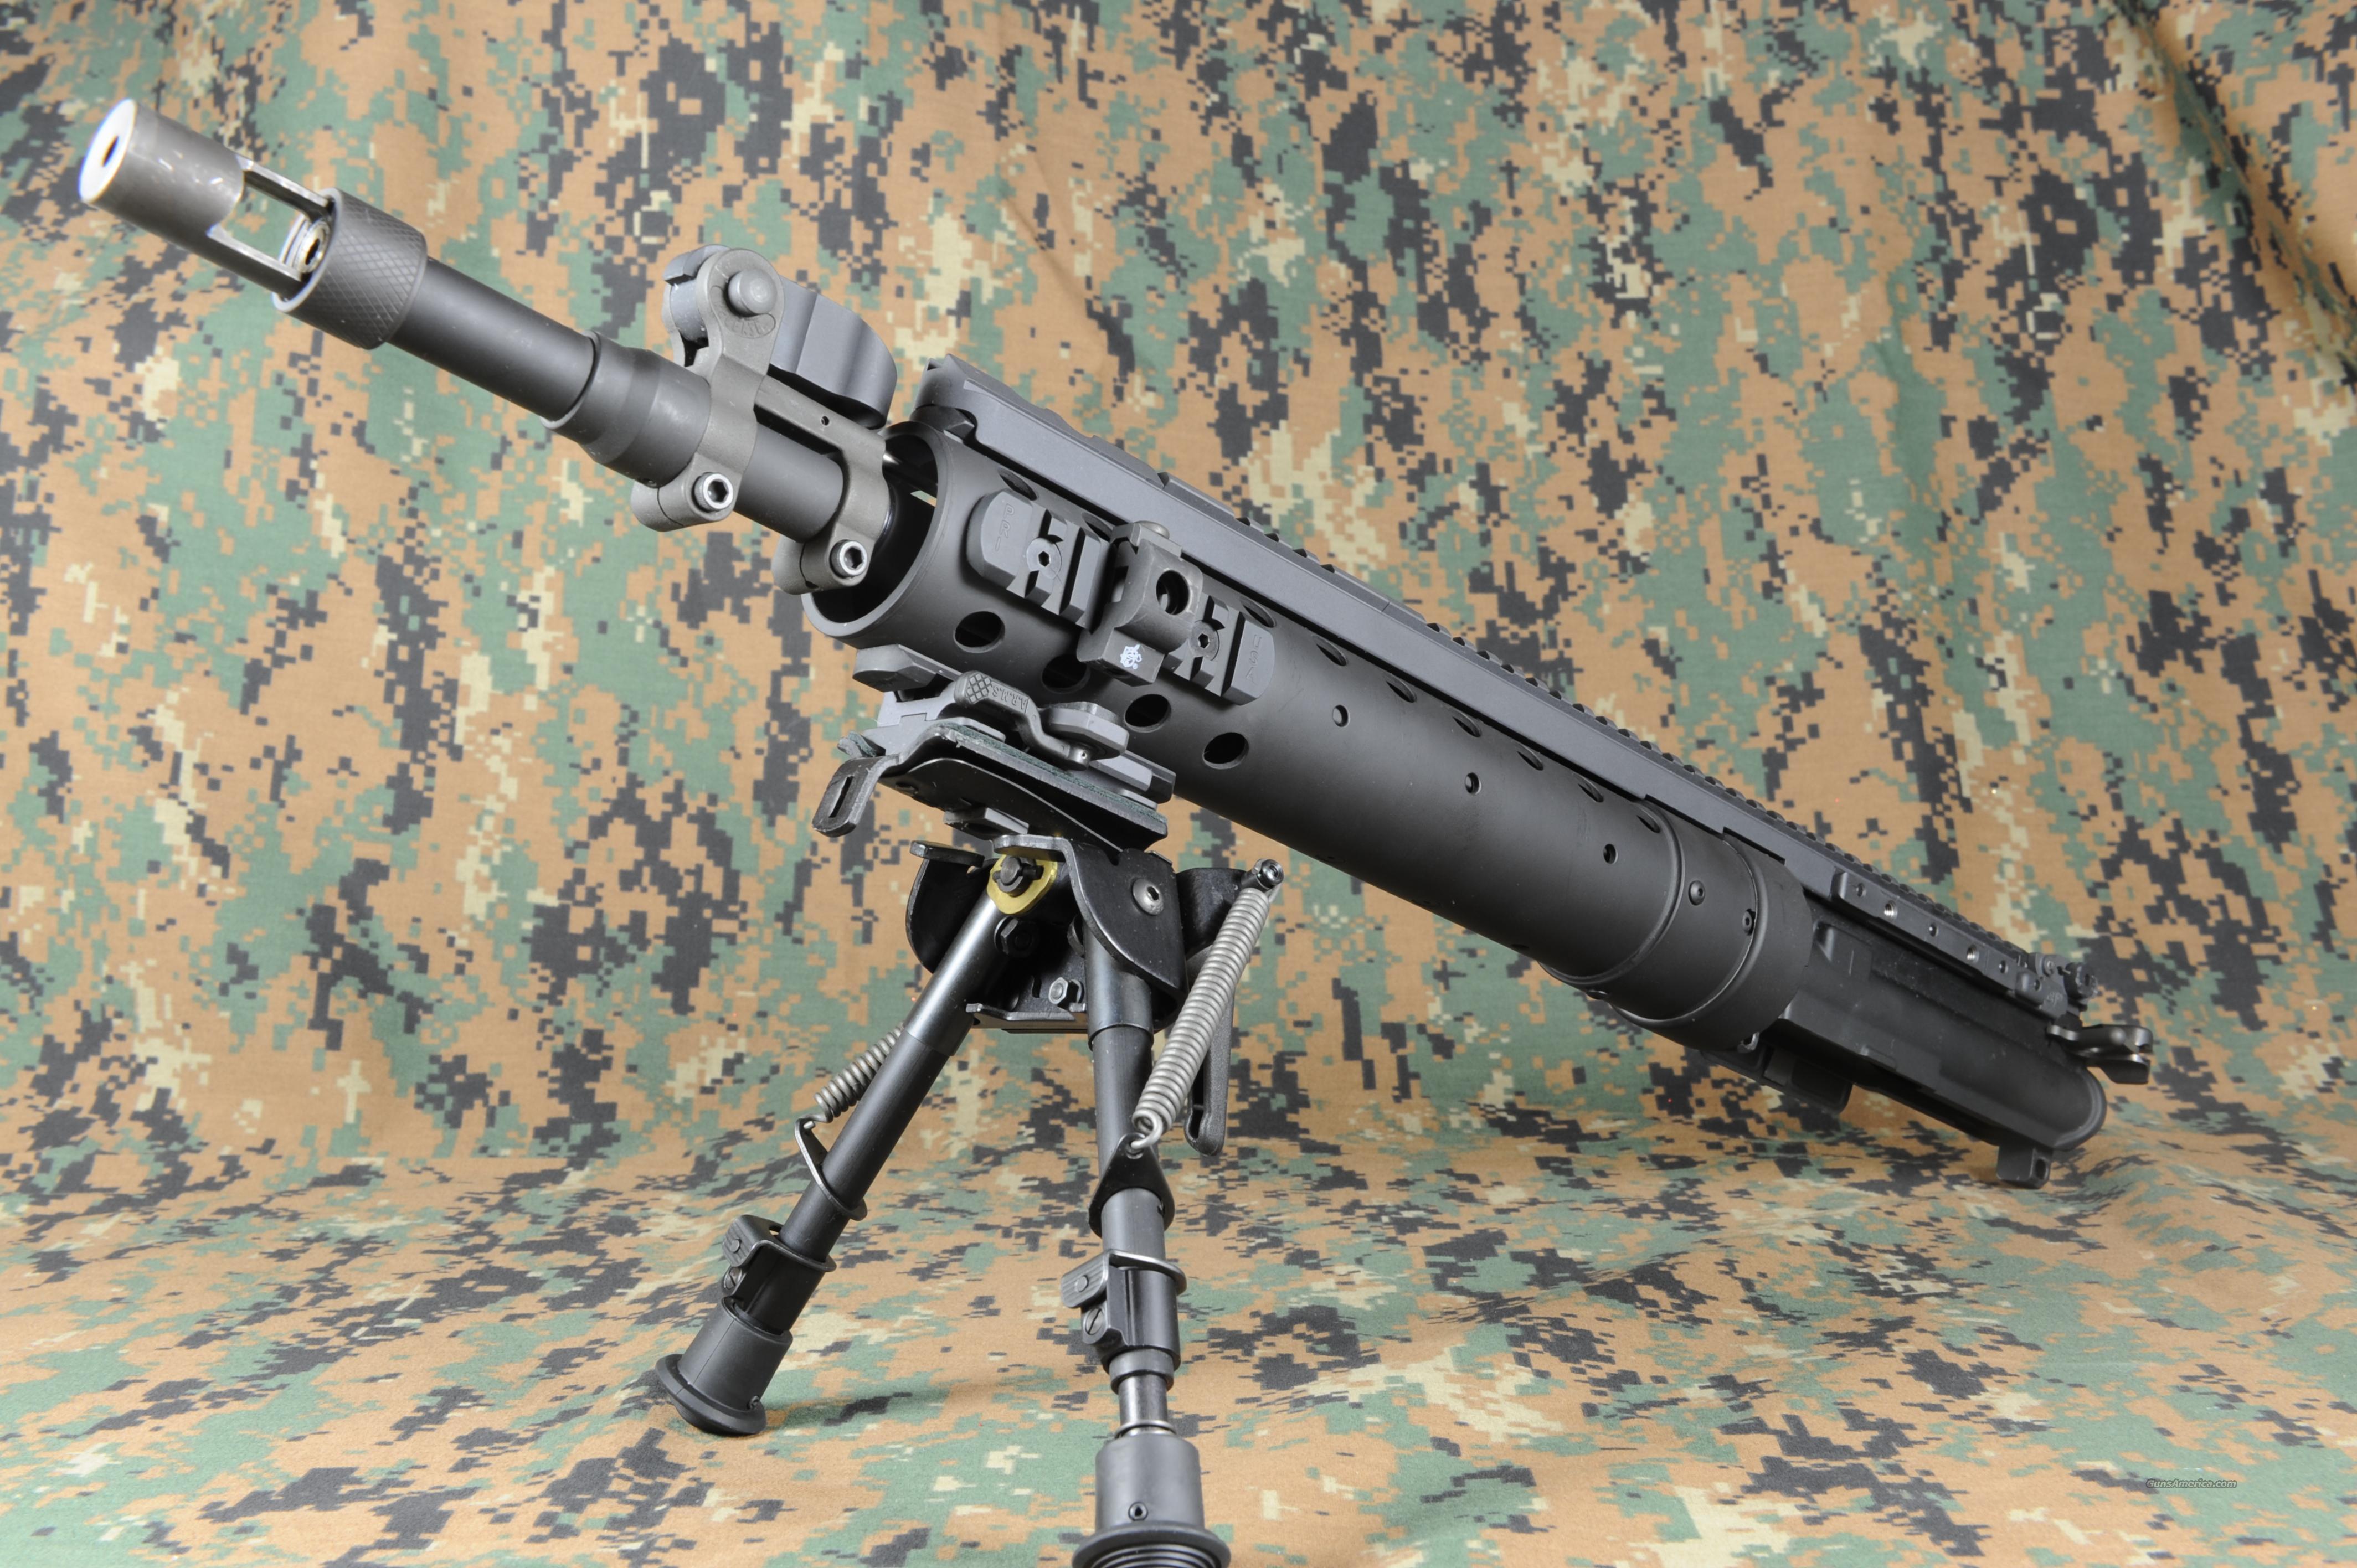 Precision Reflex Mk12 Mod0 Upper For Sale